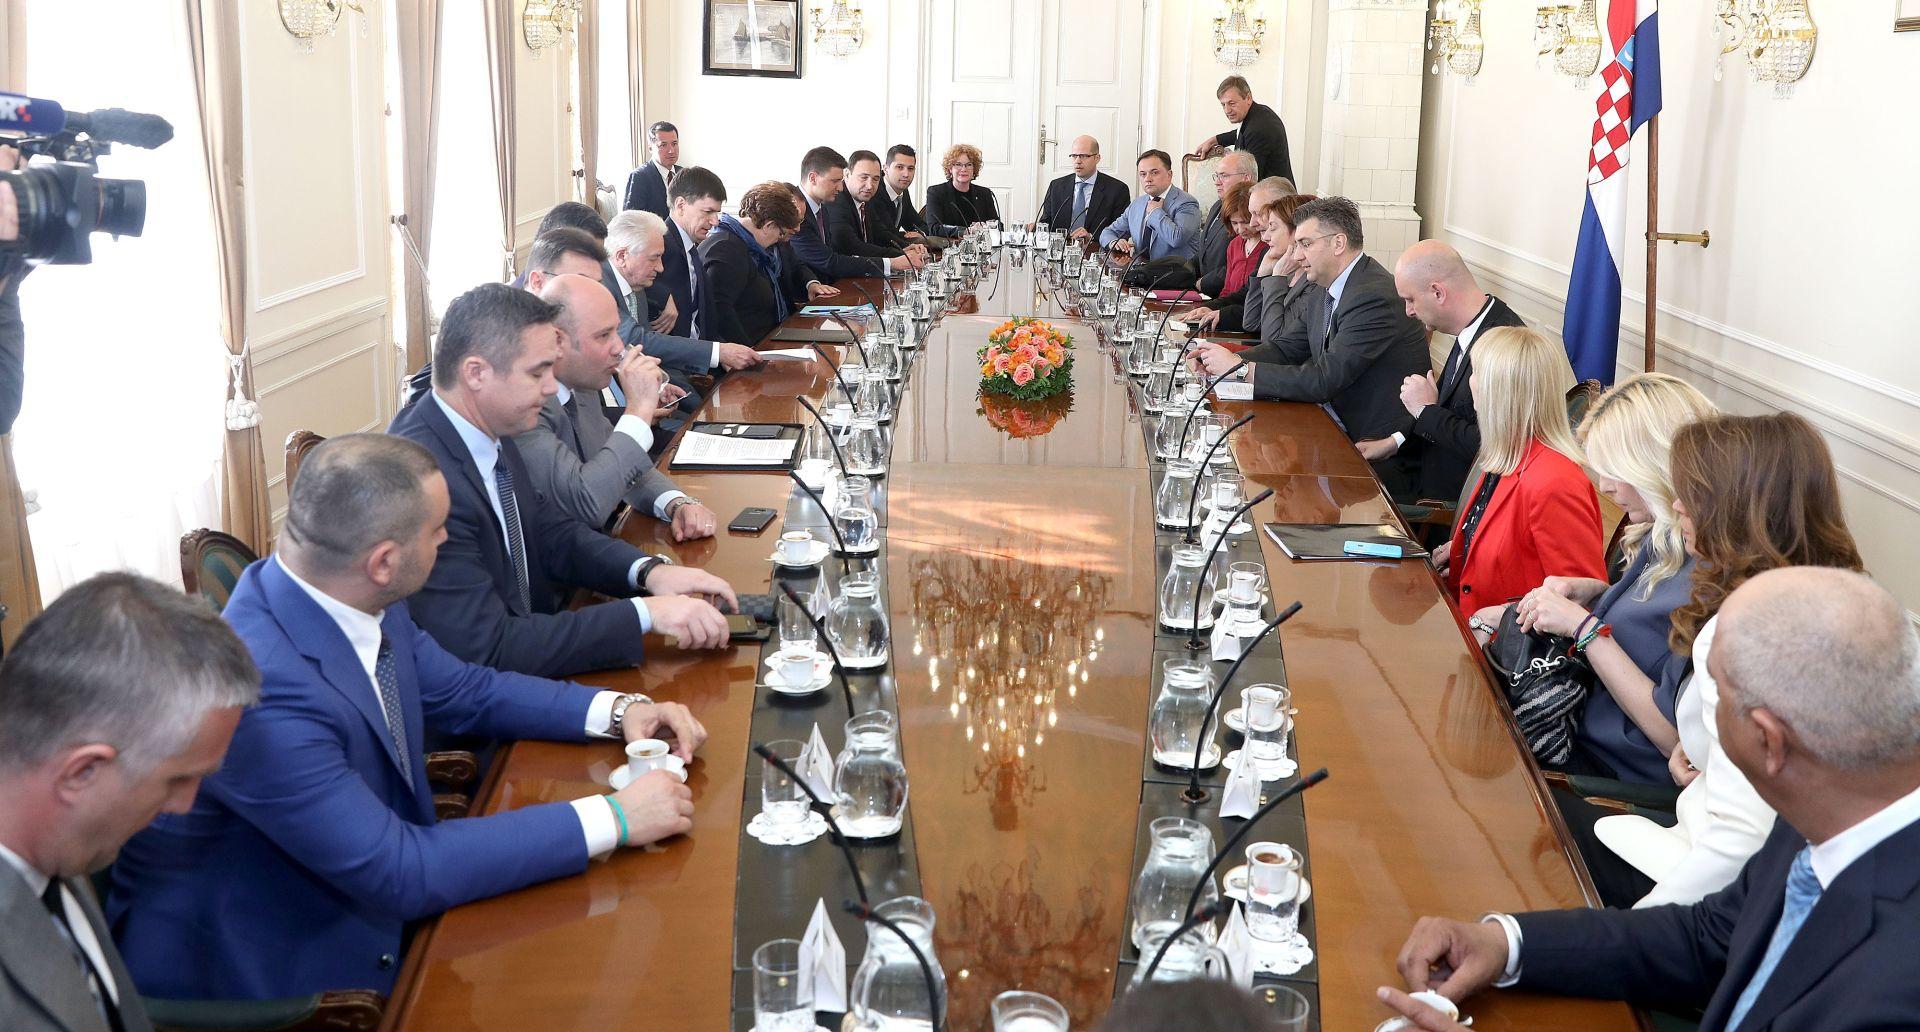 AGROKOR Počeo sastanak premijera Plenkovića s dobavljačima koncerna